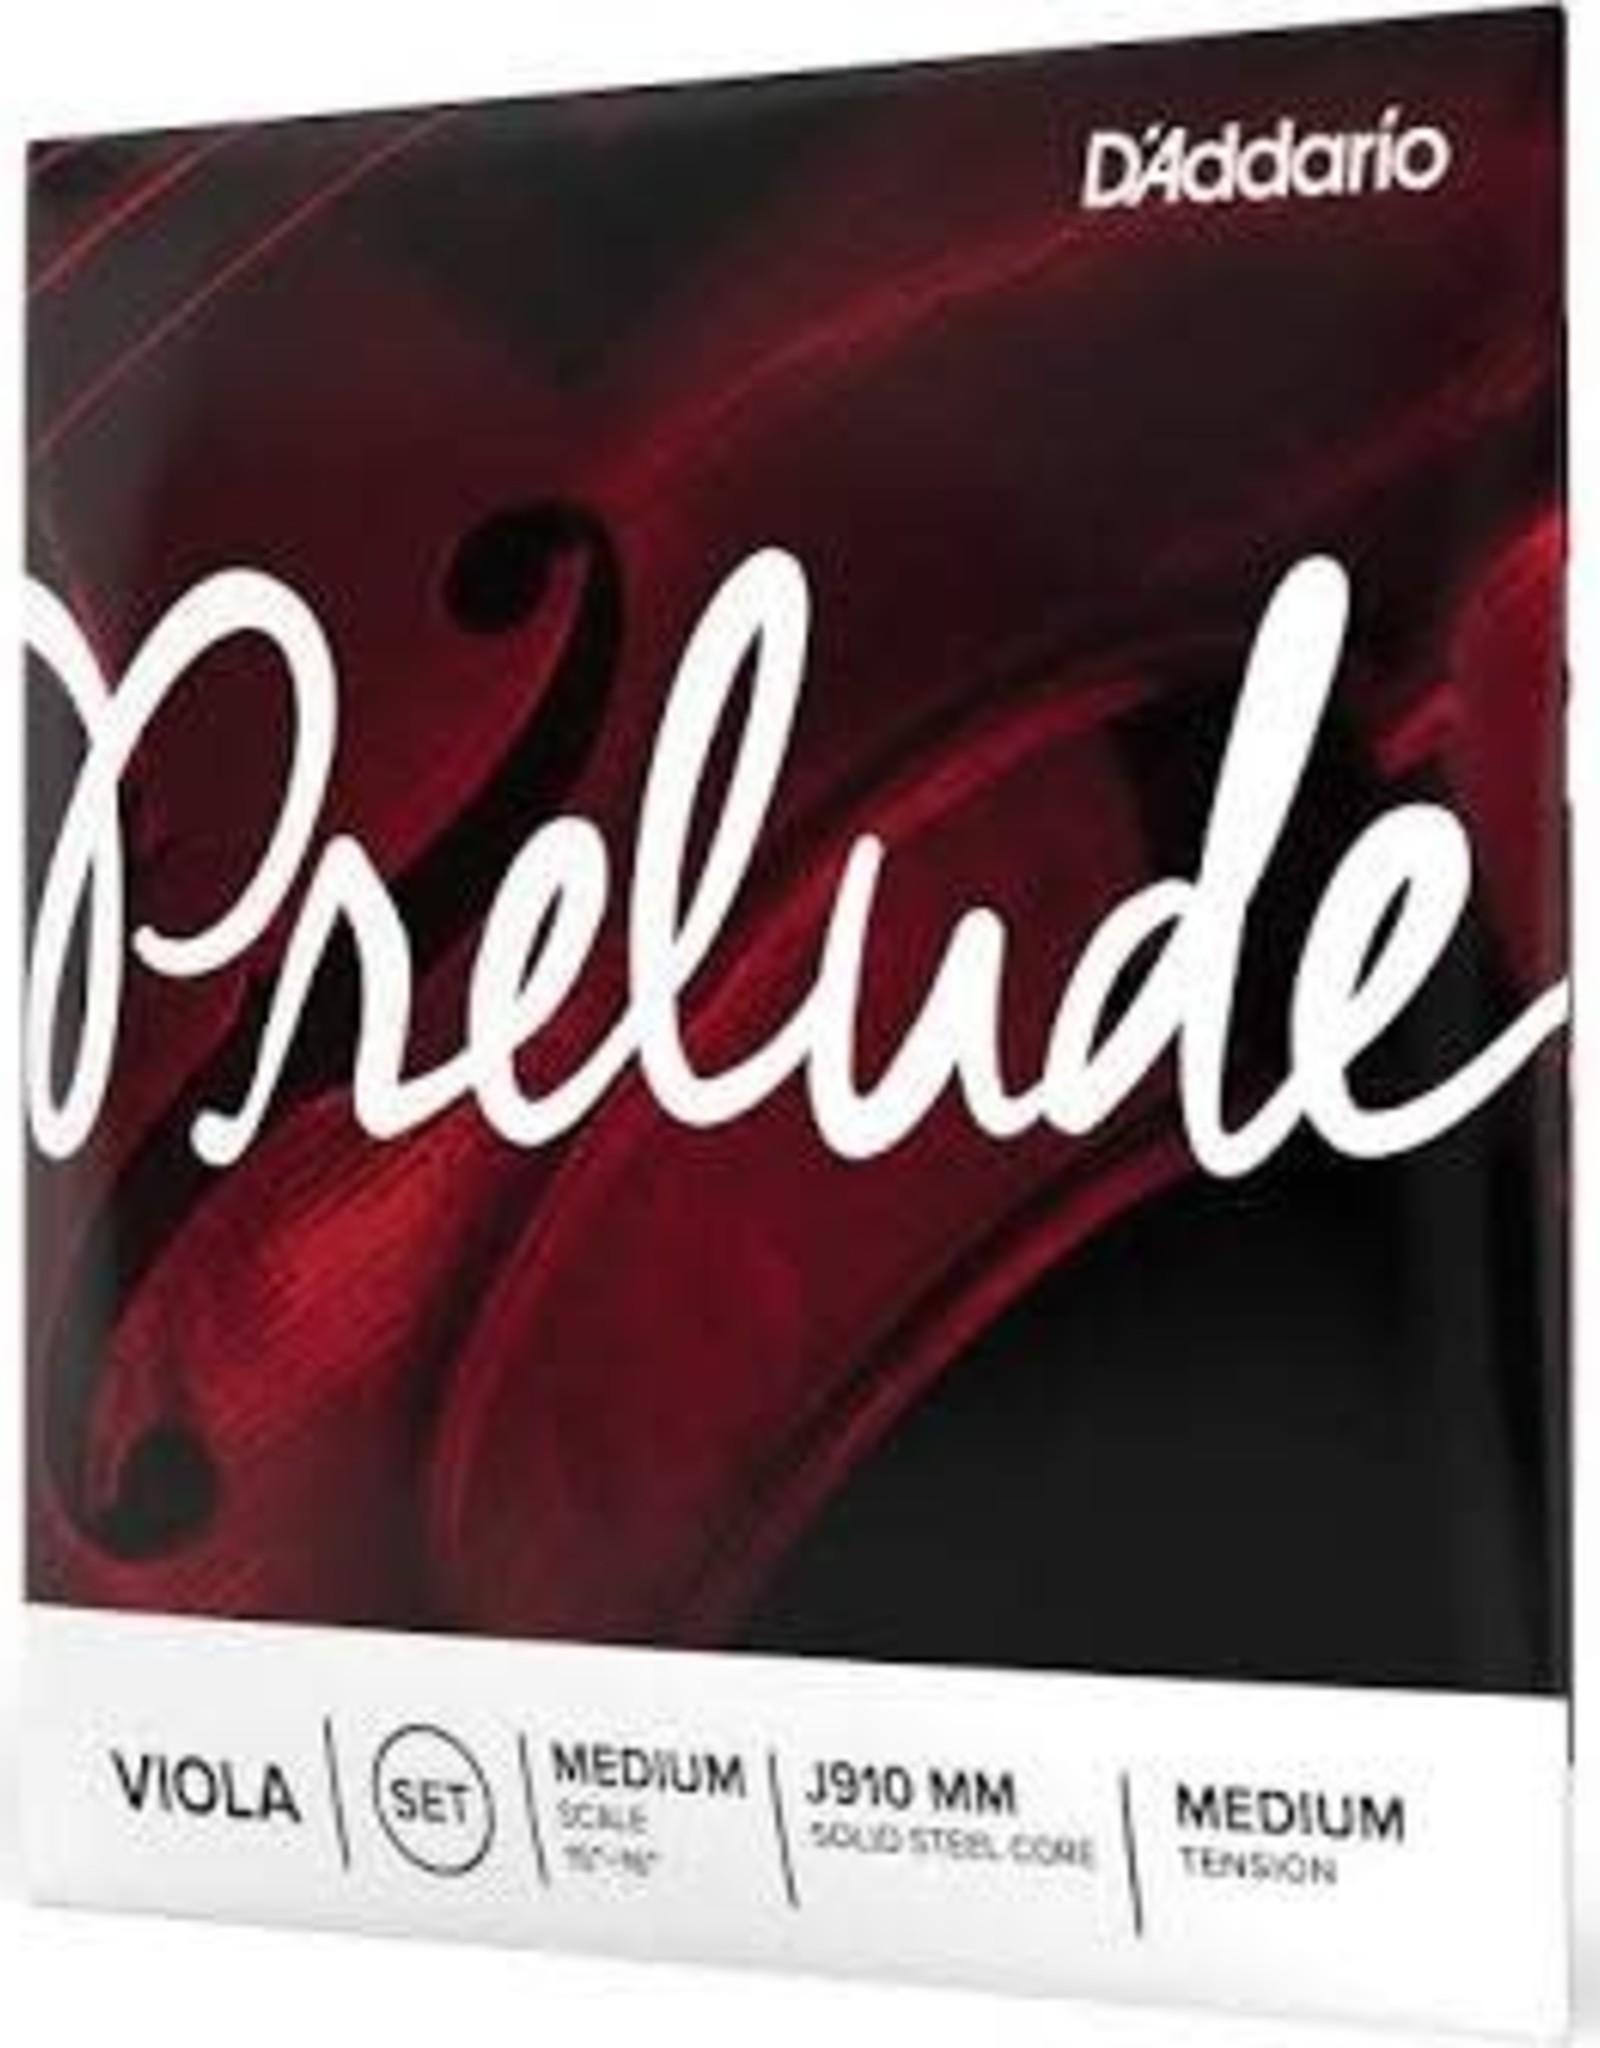 D'Addario D'Addario Prelude Viola String Set, Medium Scale, Medium Tension